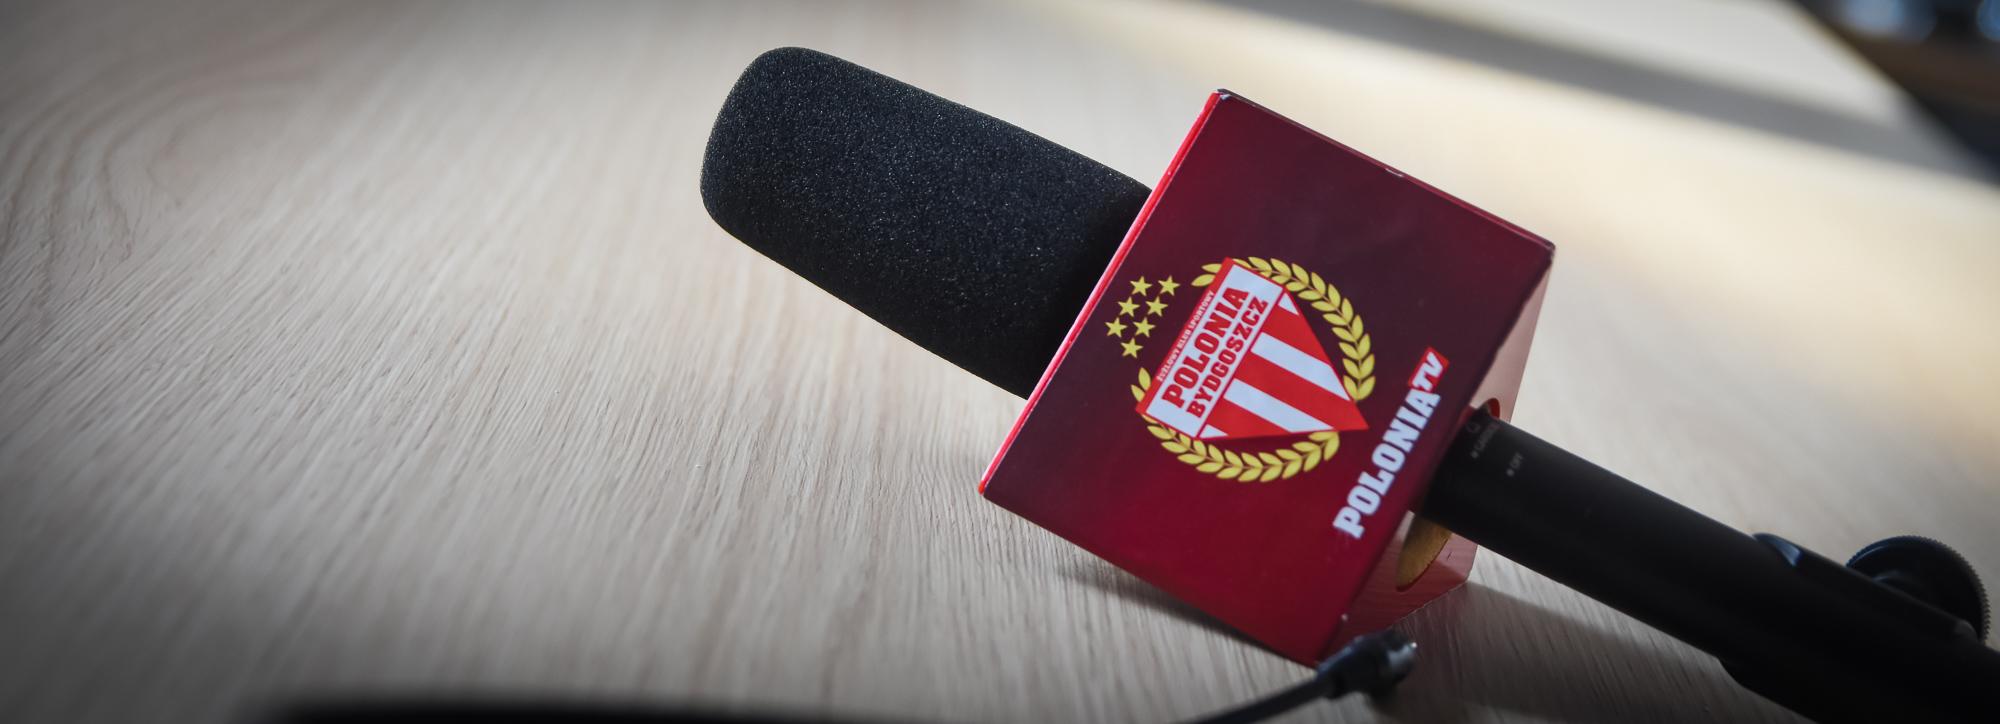 media_polonia_bydgoszcz